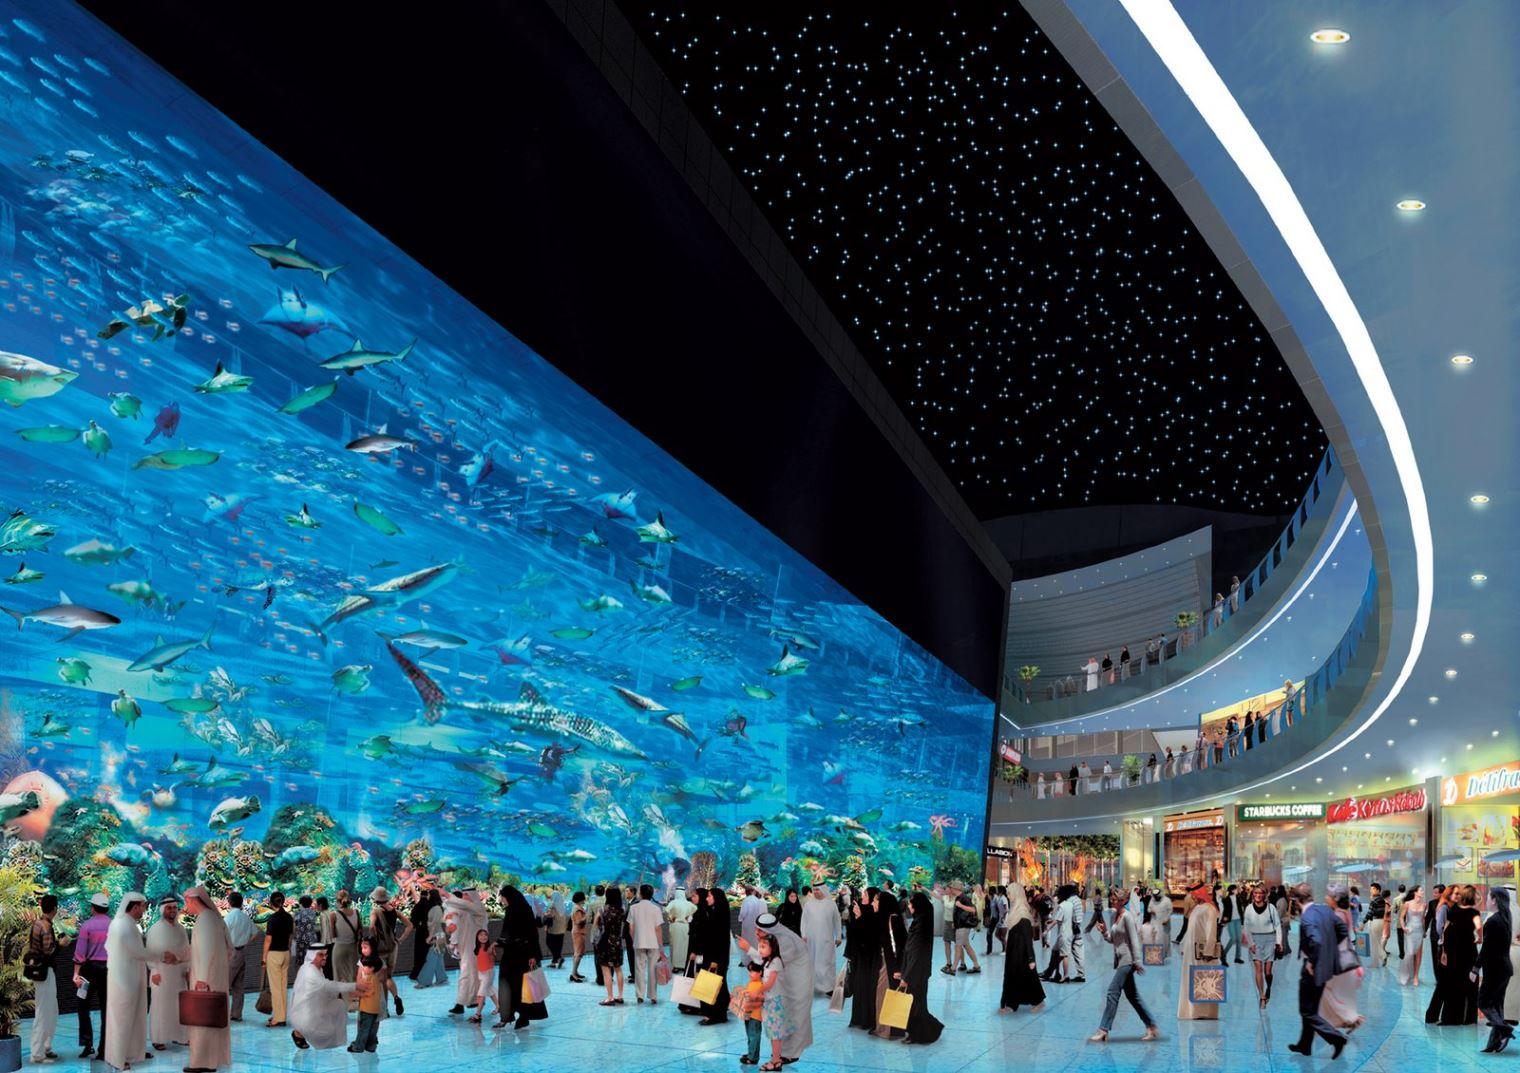 Туристический бум способствует бурному развитию ненефтяного сектора экономики Дубая